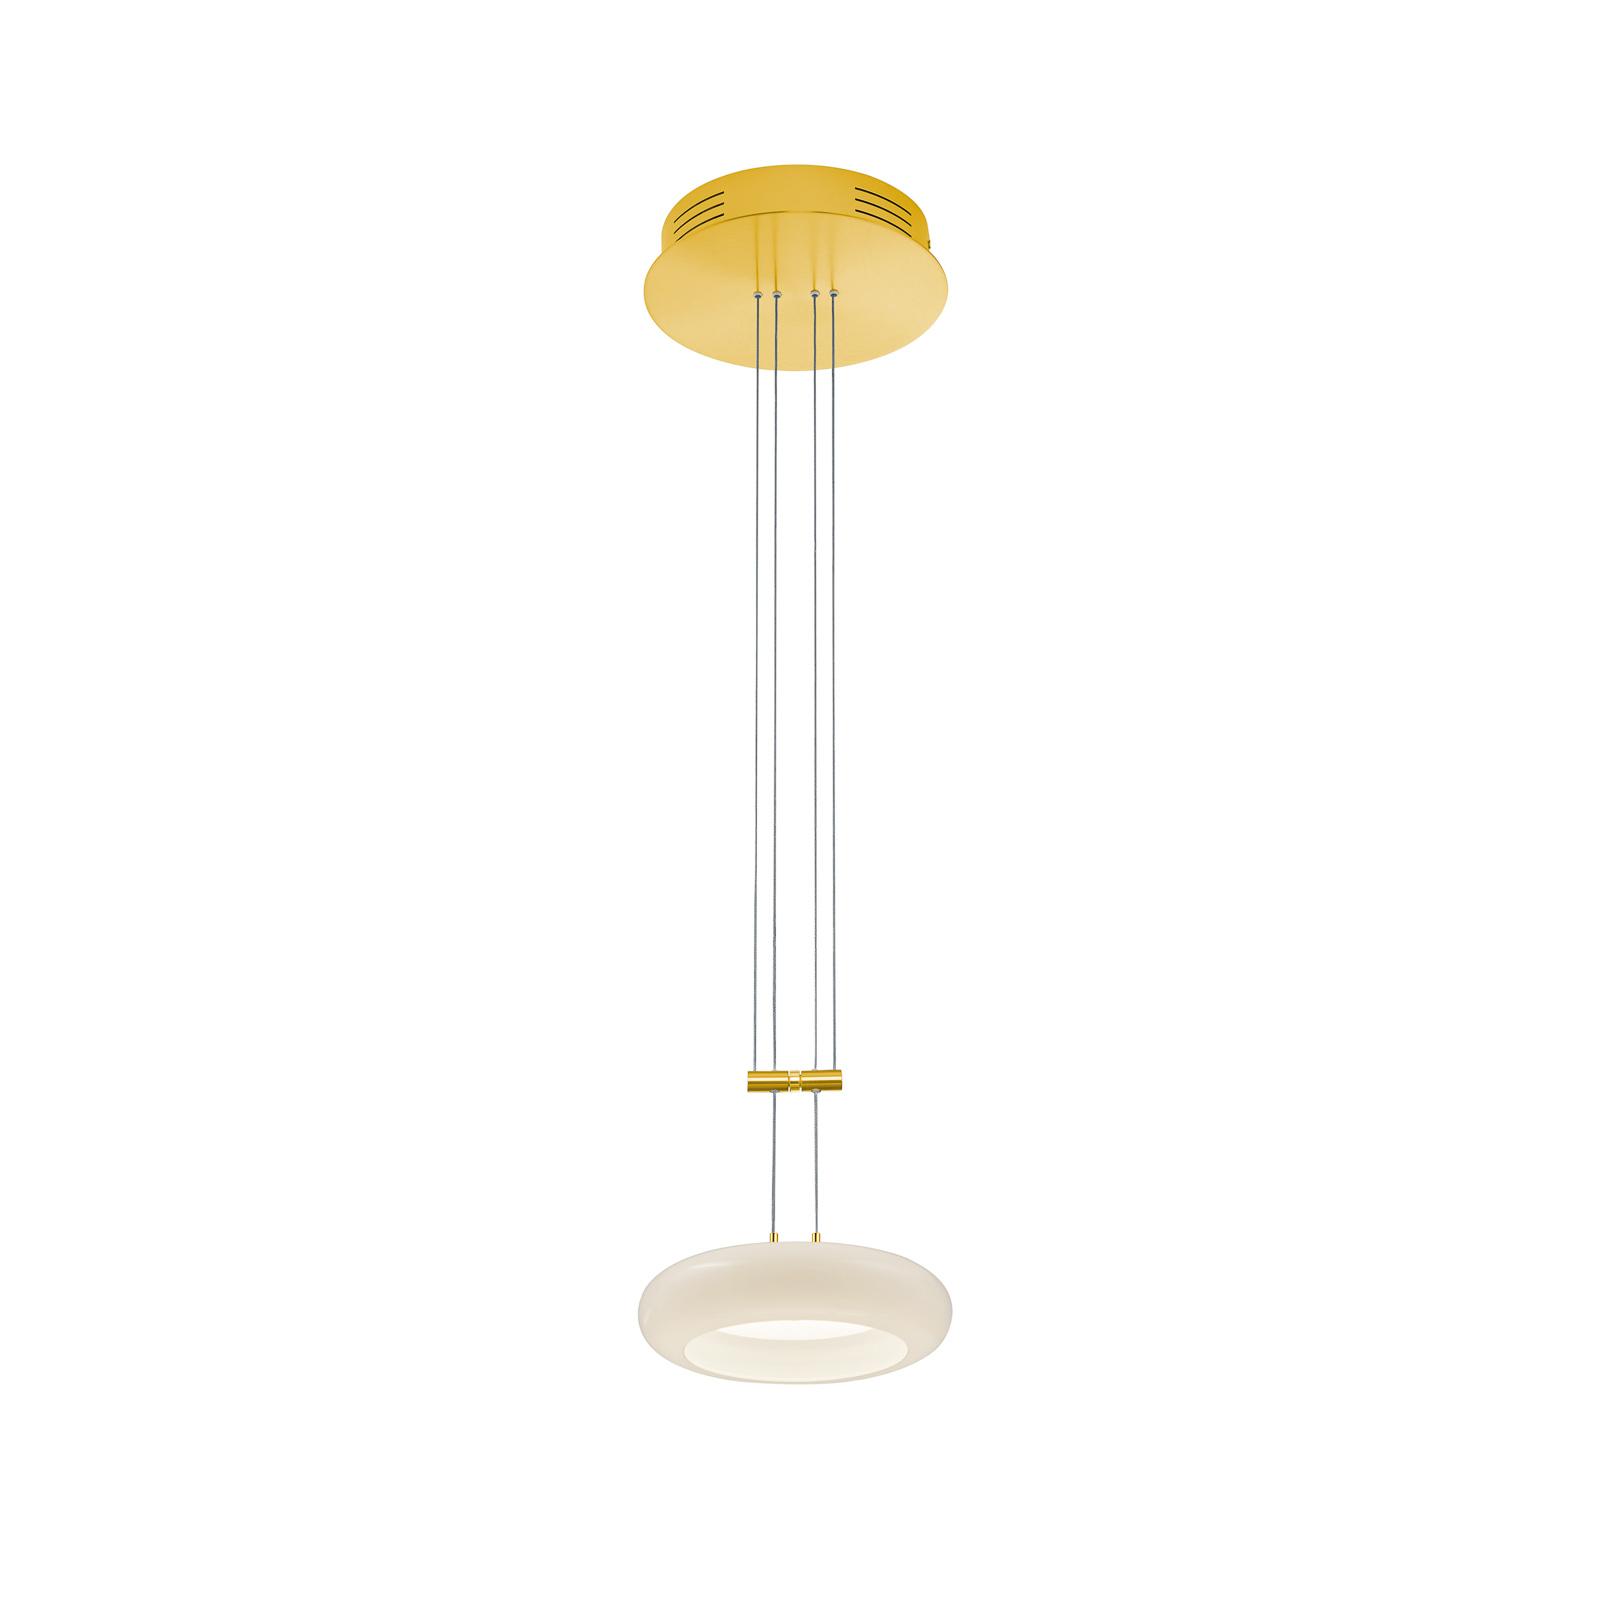 BANKAMP Centa hængelampe 1 lyskilde 20 cm messing